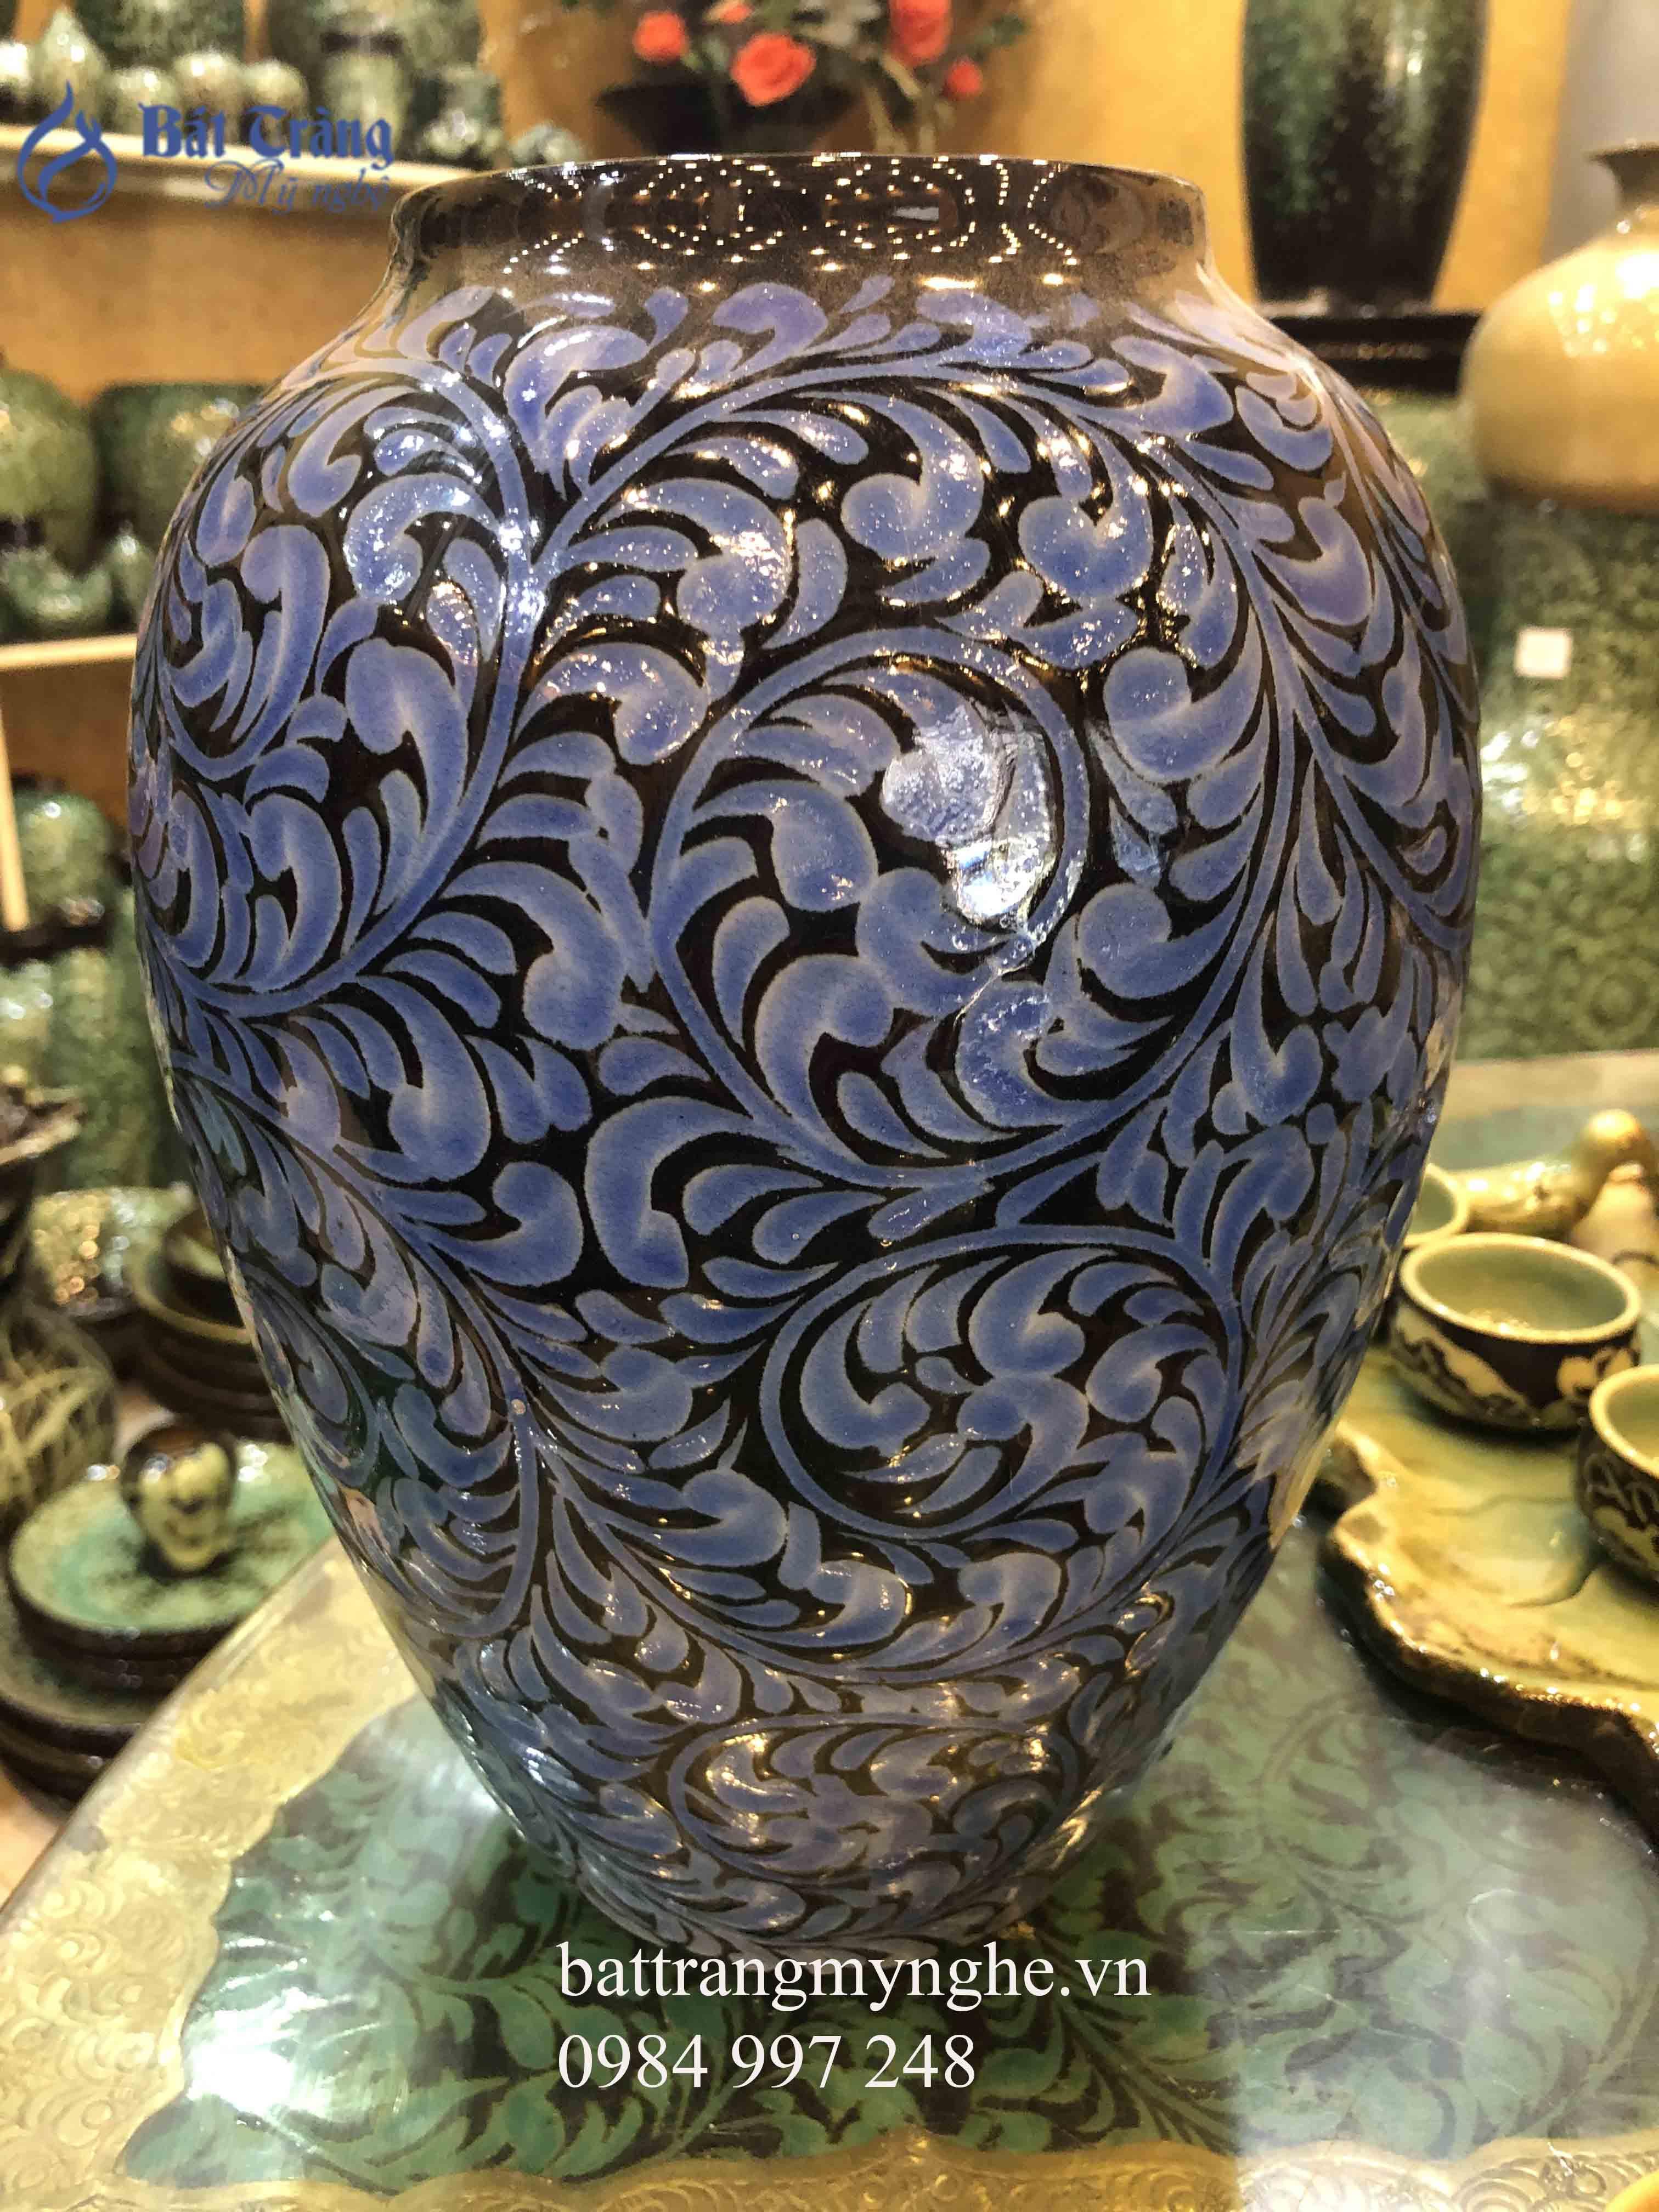 Lọ cắm hoa khắc hoa dây men xanh cao cấp cao 35cm